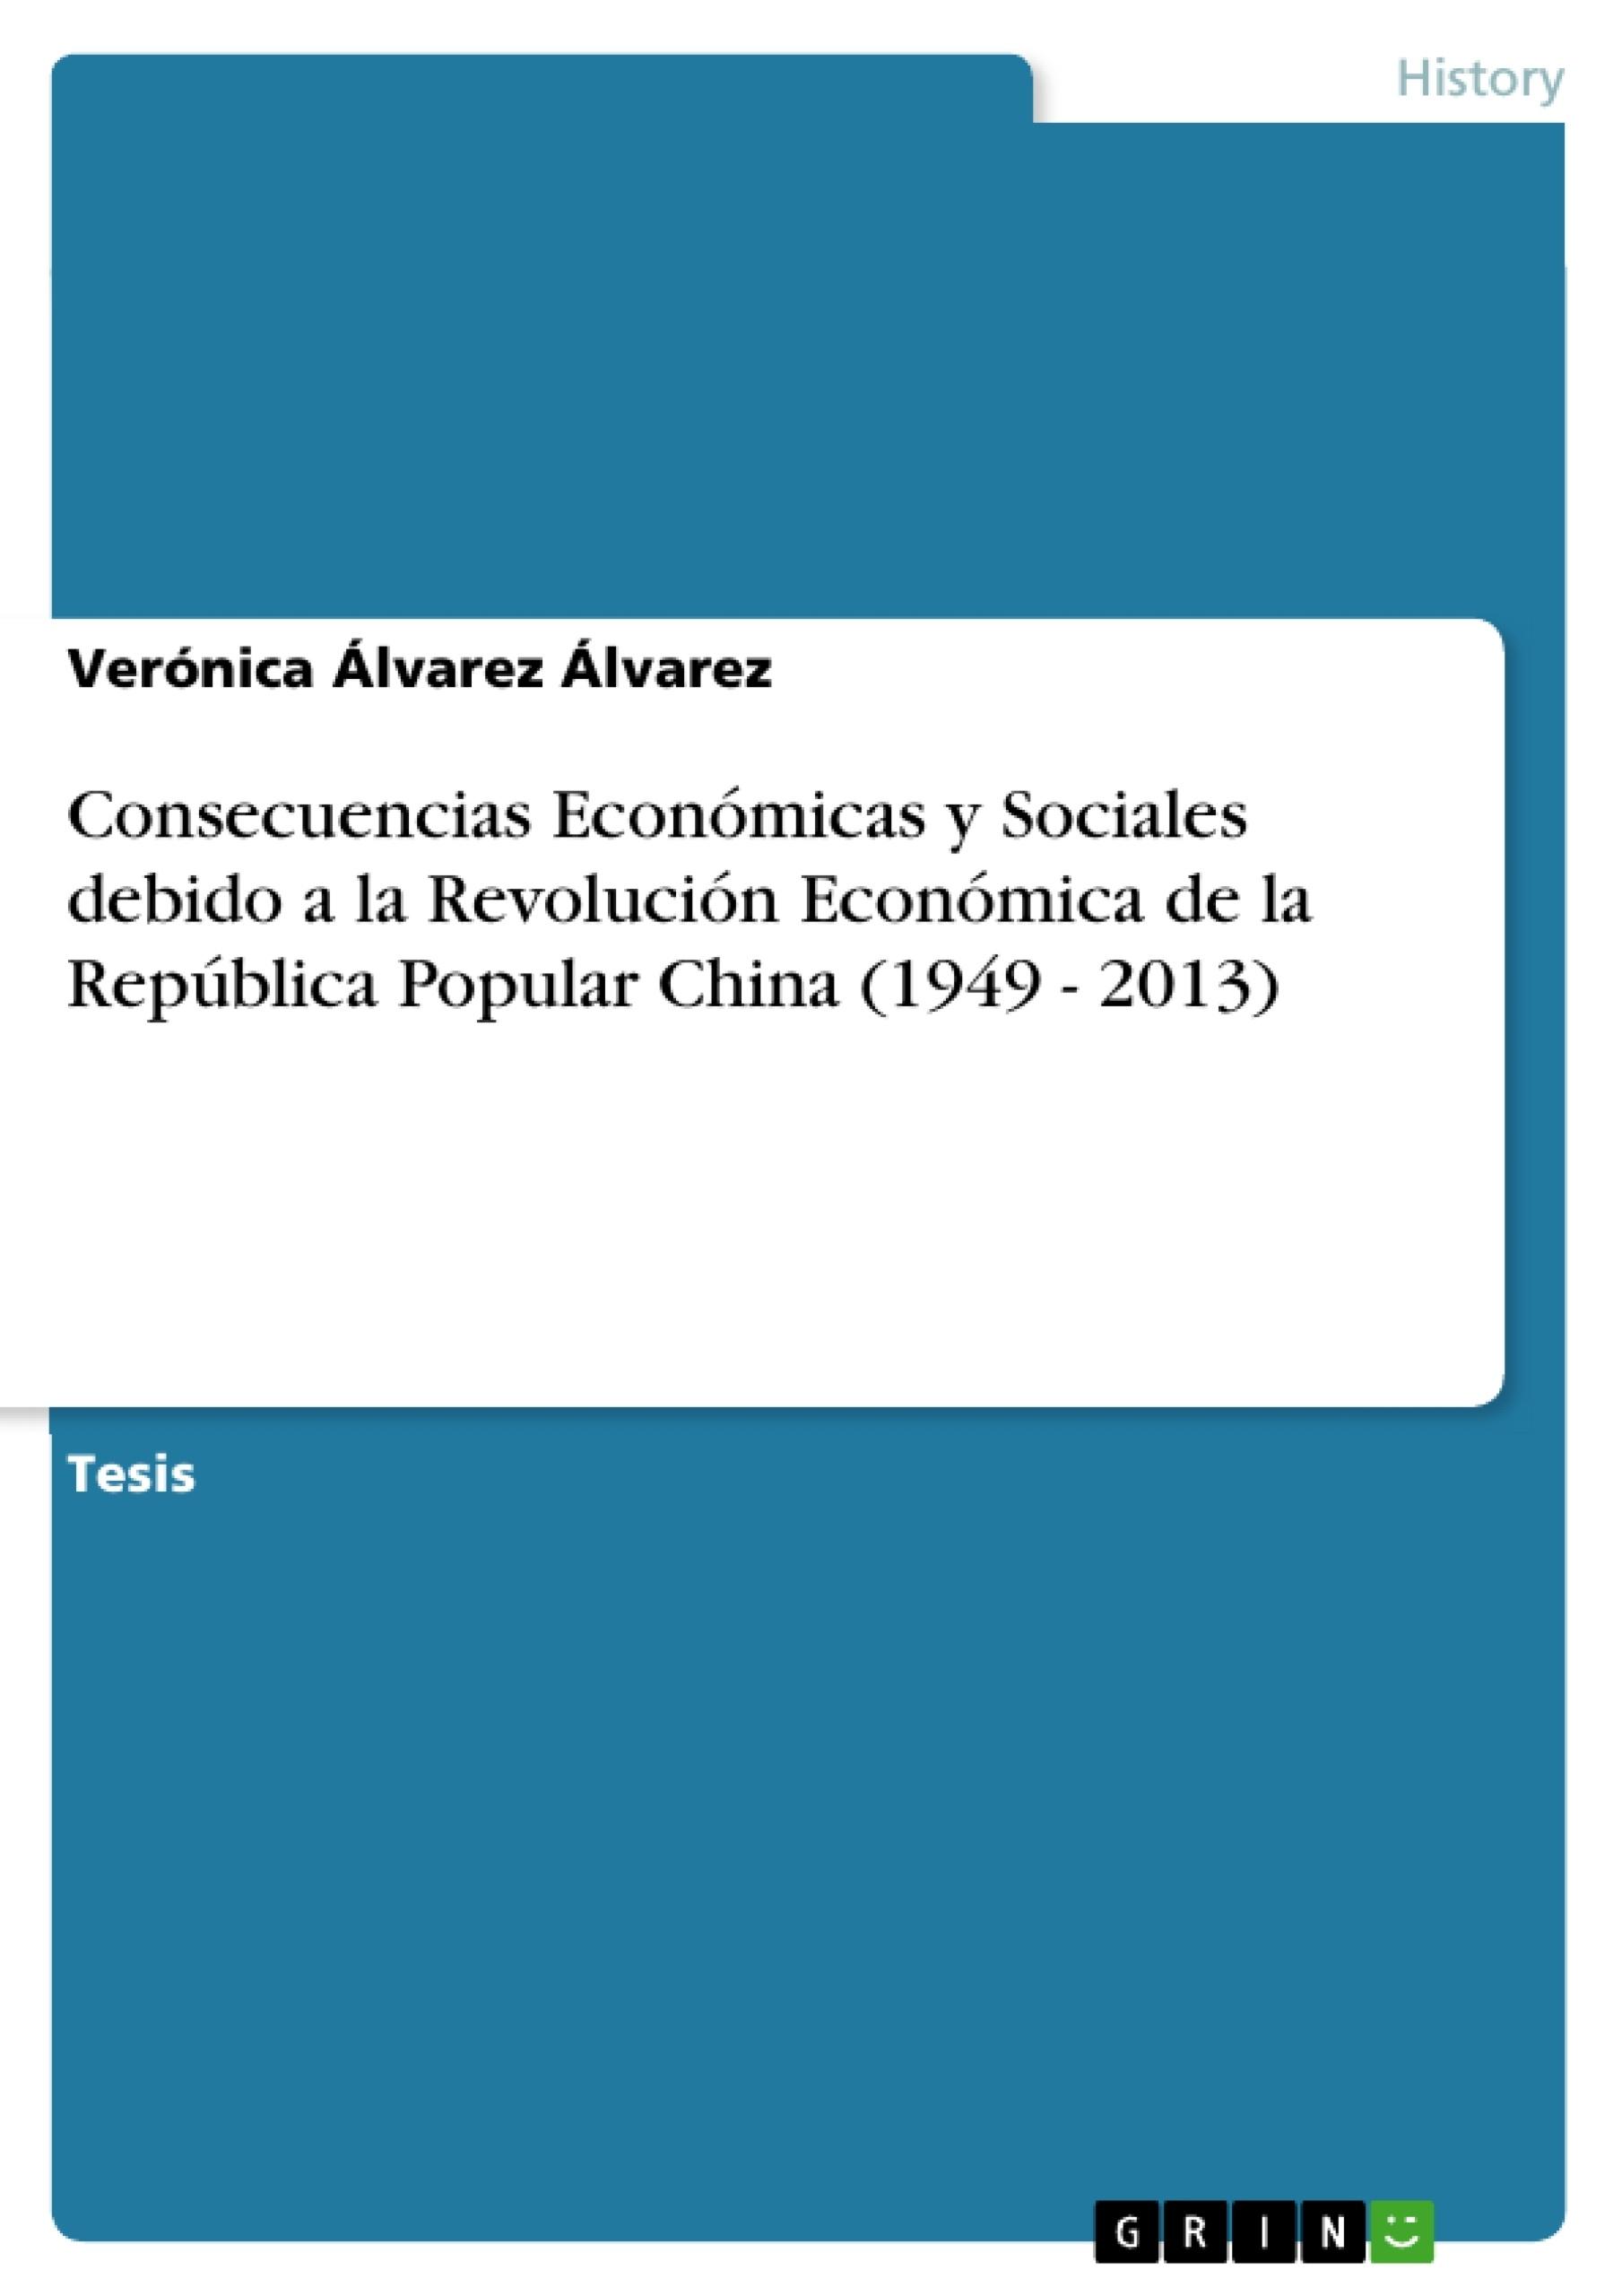 Título: Consecuencias Económicas y Sociales debido a la Revolución Económica de la República Popular China (1949 - 2013)